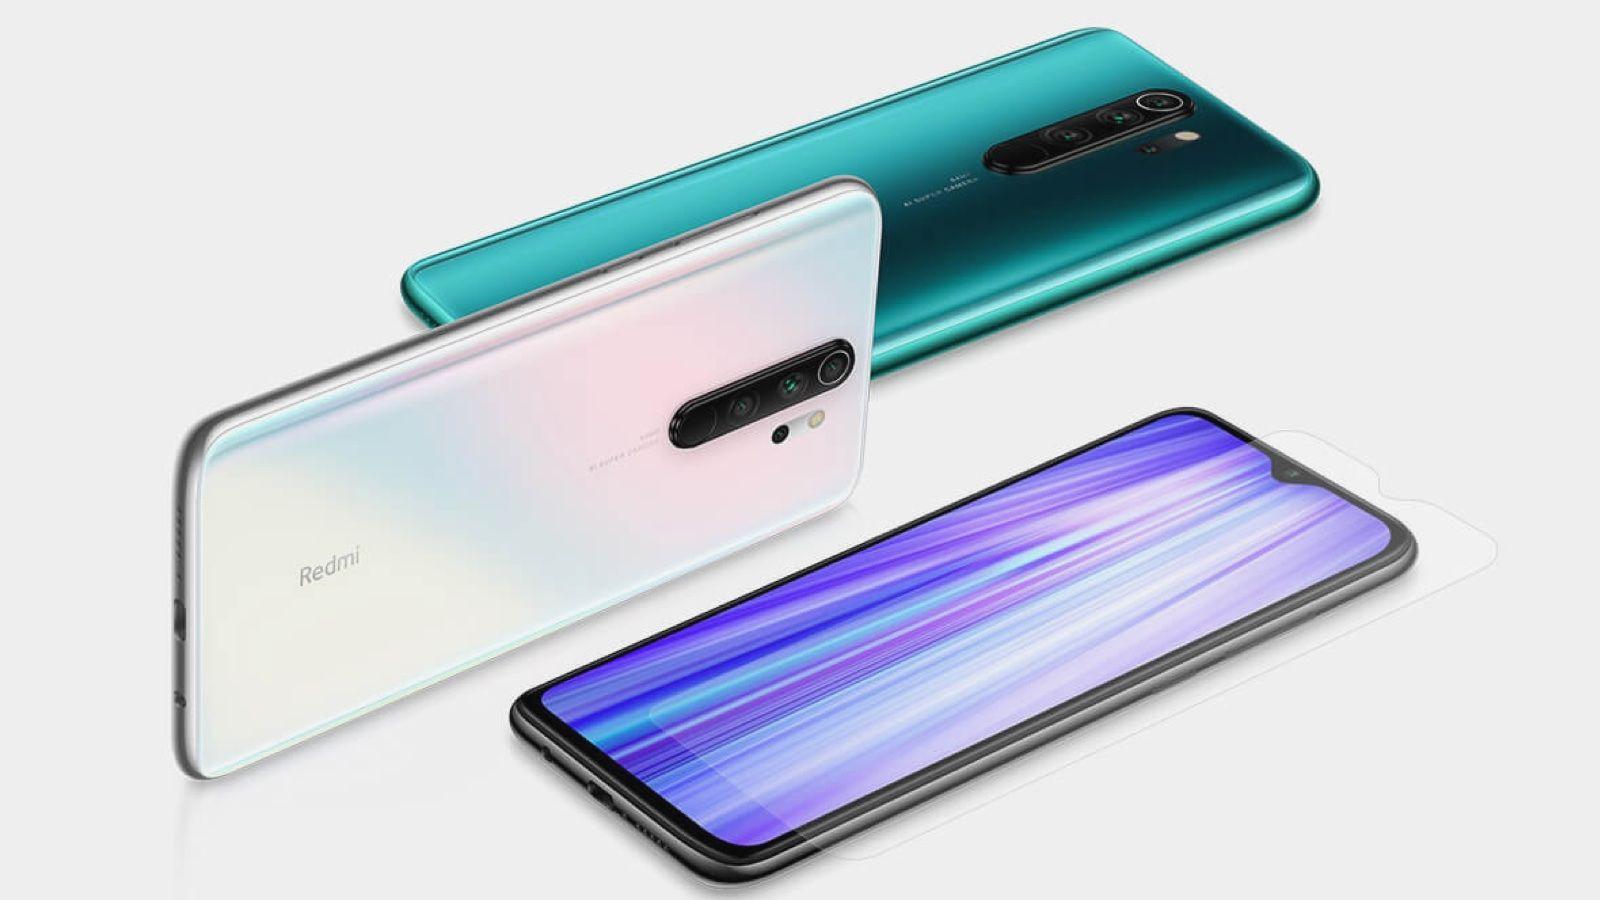 K týmto telefónom Xiaomi dostaneš zadarmo earbuds či výkonný powerbank. Nebudeš platiť ani za poštovné